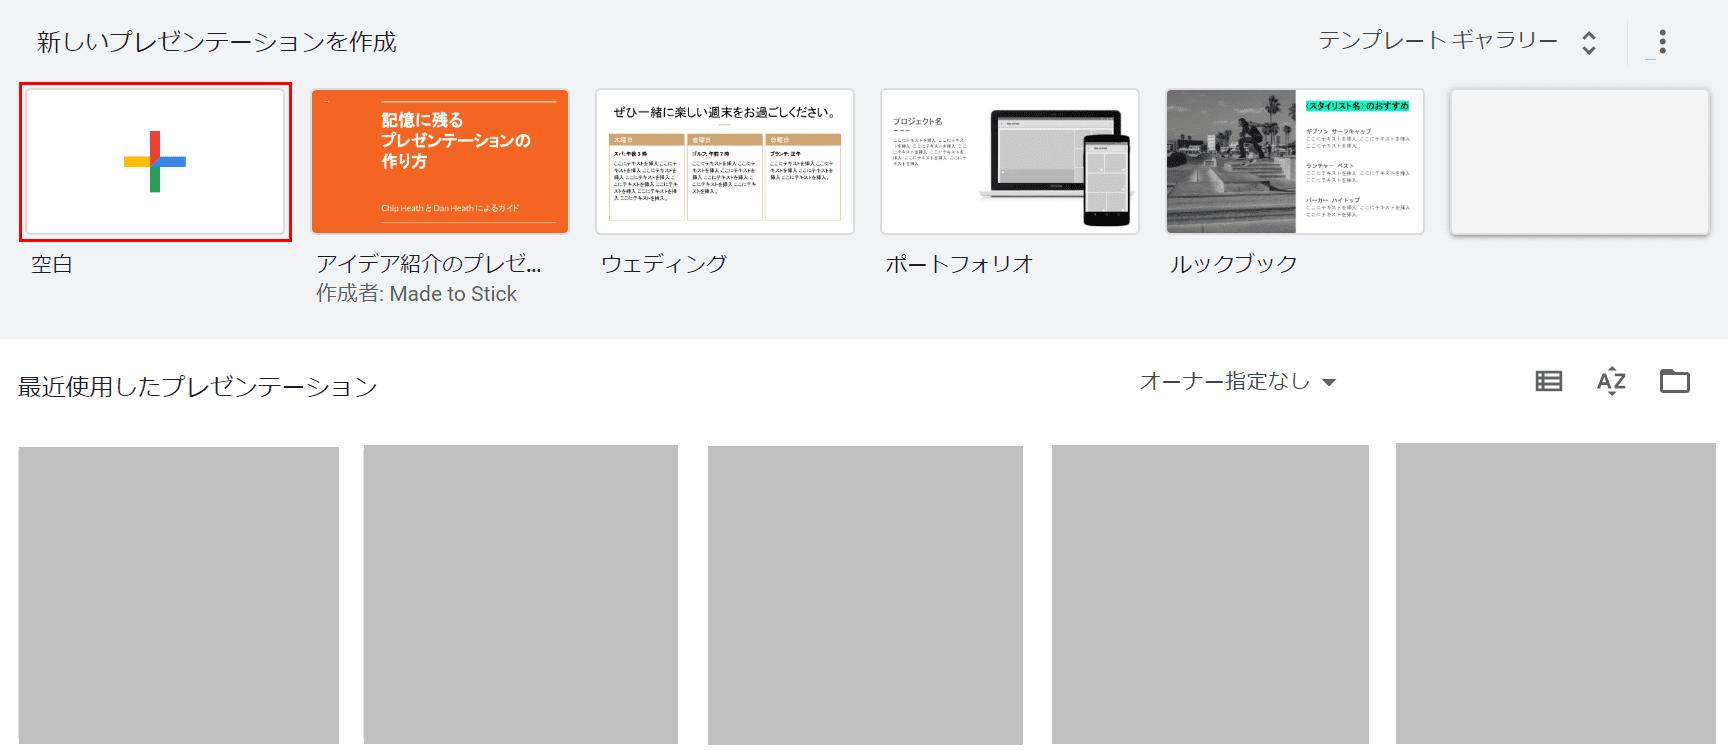 Googleスライドでのログイン